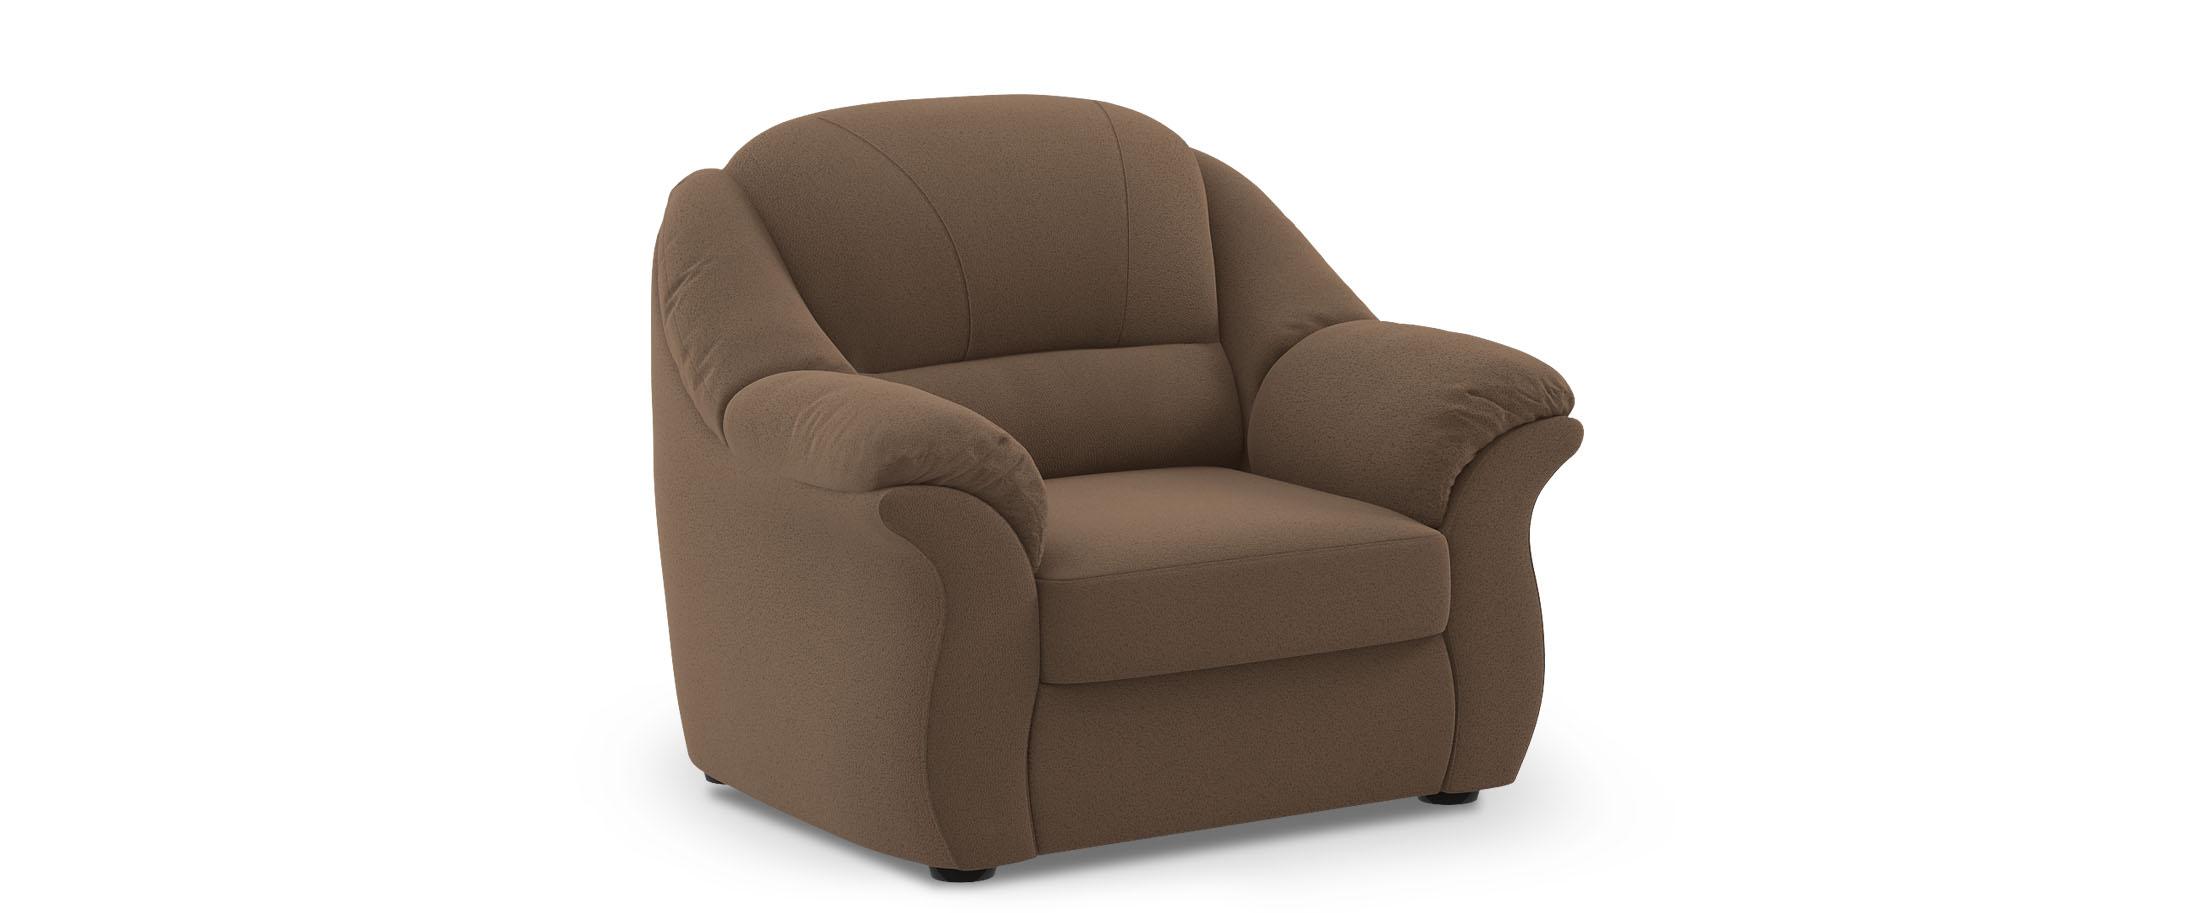 Кресло Бостон 017Купить коричневое кресло Бостон из замши от производителя. Доставка от 1 дня. Подъём, сборка, вынос упаковки. Гарантия 18 месяцев. Интернет-магазин мебели MOON-TRADE.RU<br>